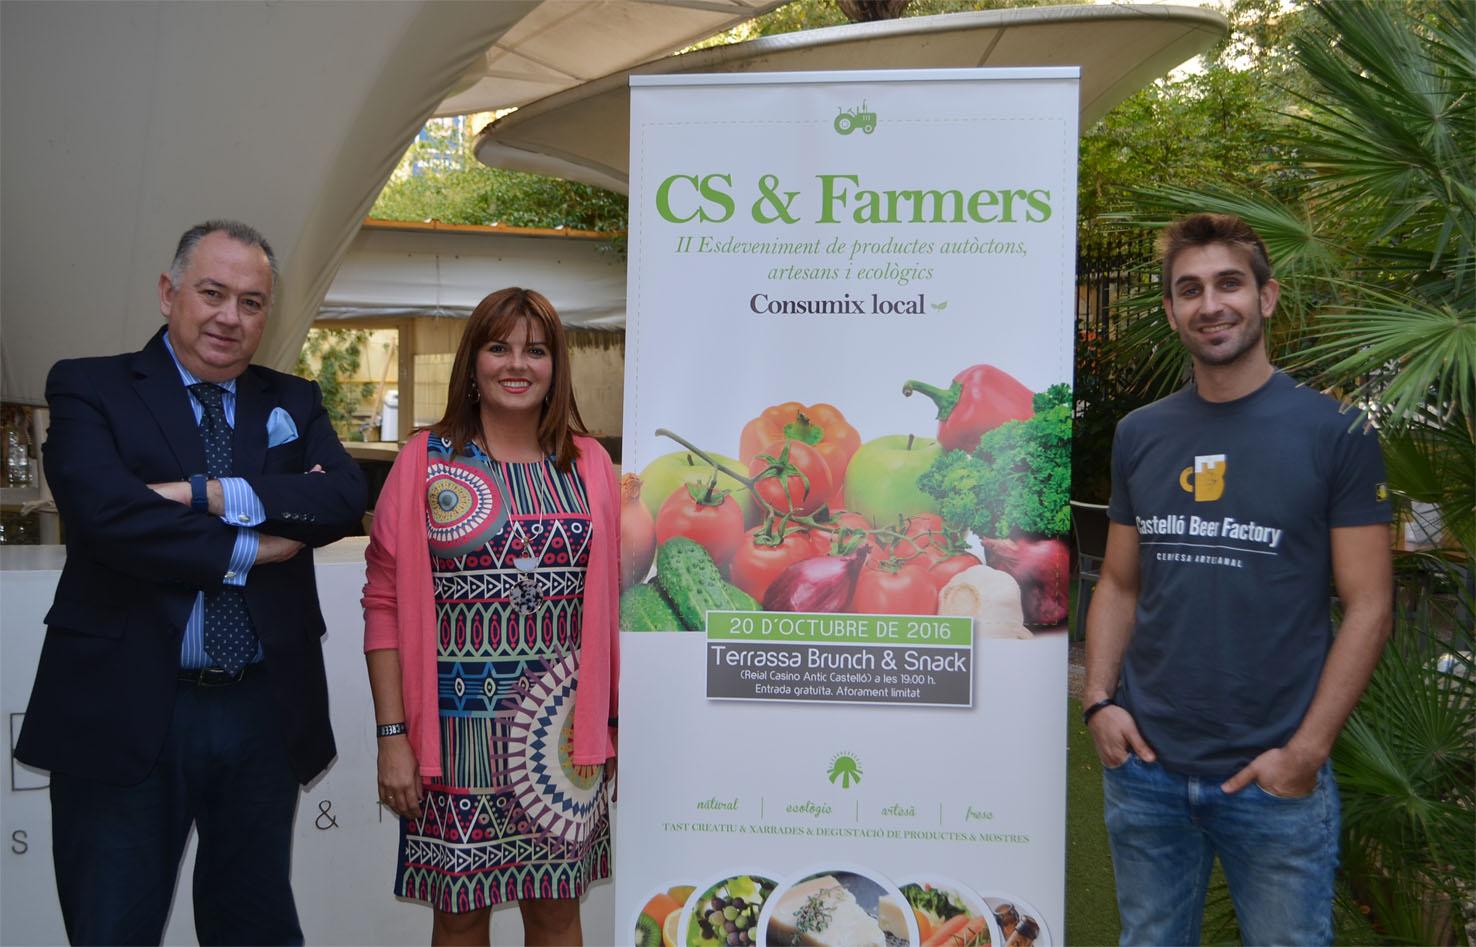 El encuentro CS&Farmers promueve el consumo de productos locales, artesanos y ecológicos